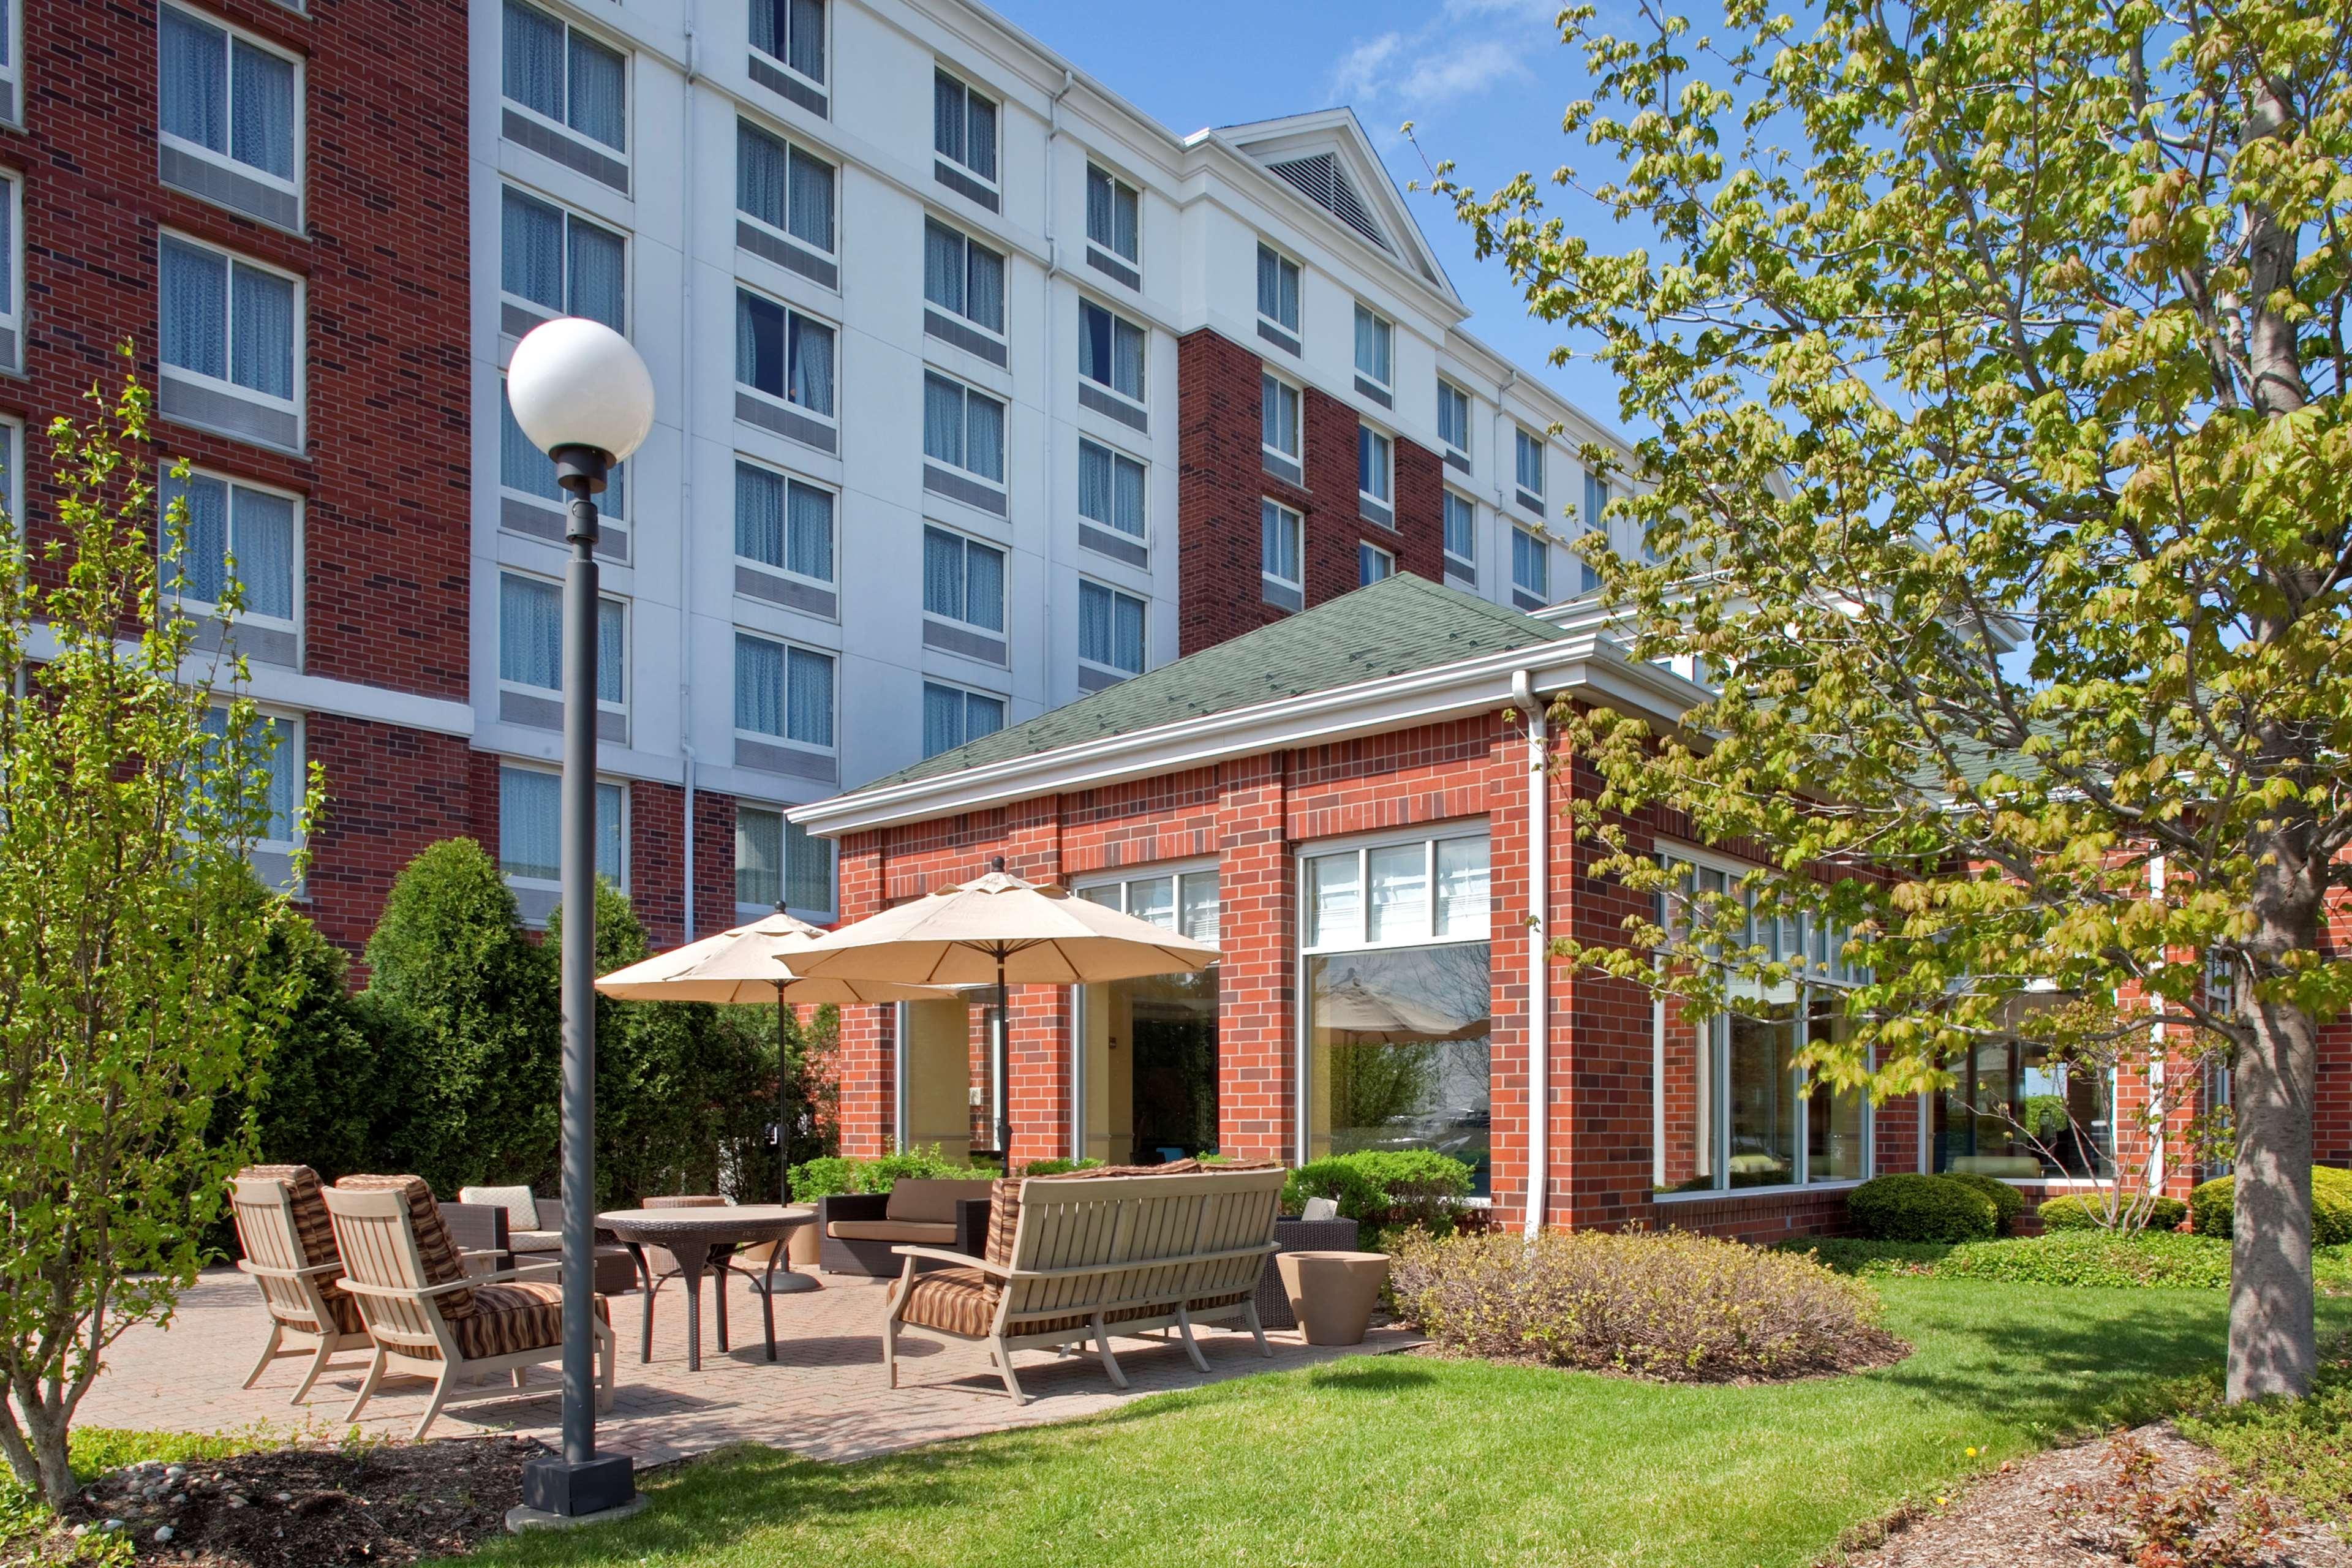 Hilton Garden Inn Hoffman Estates image 3